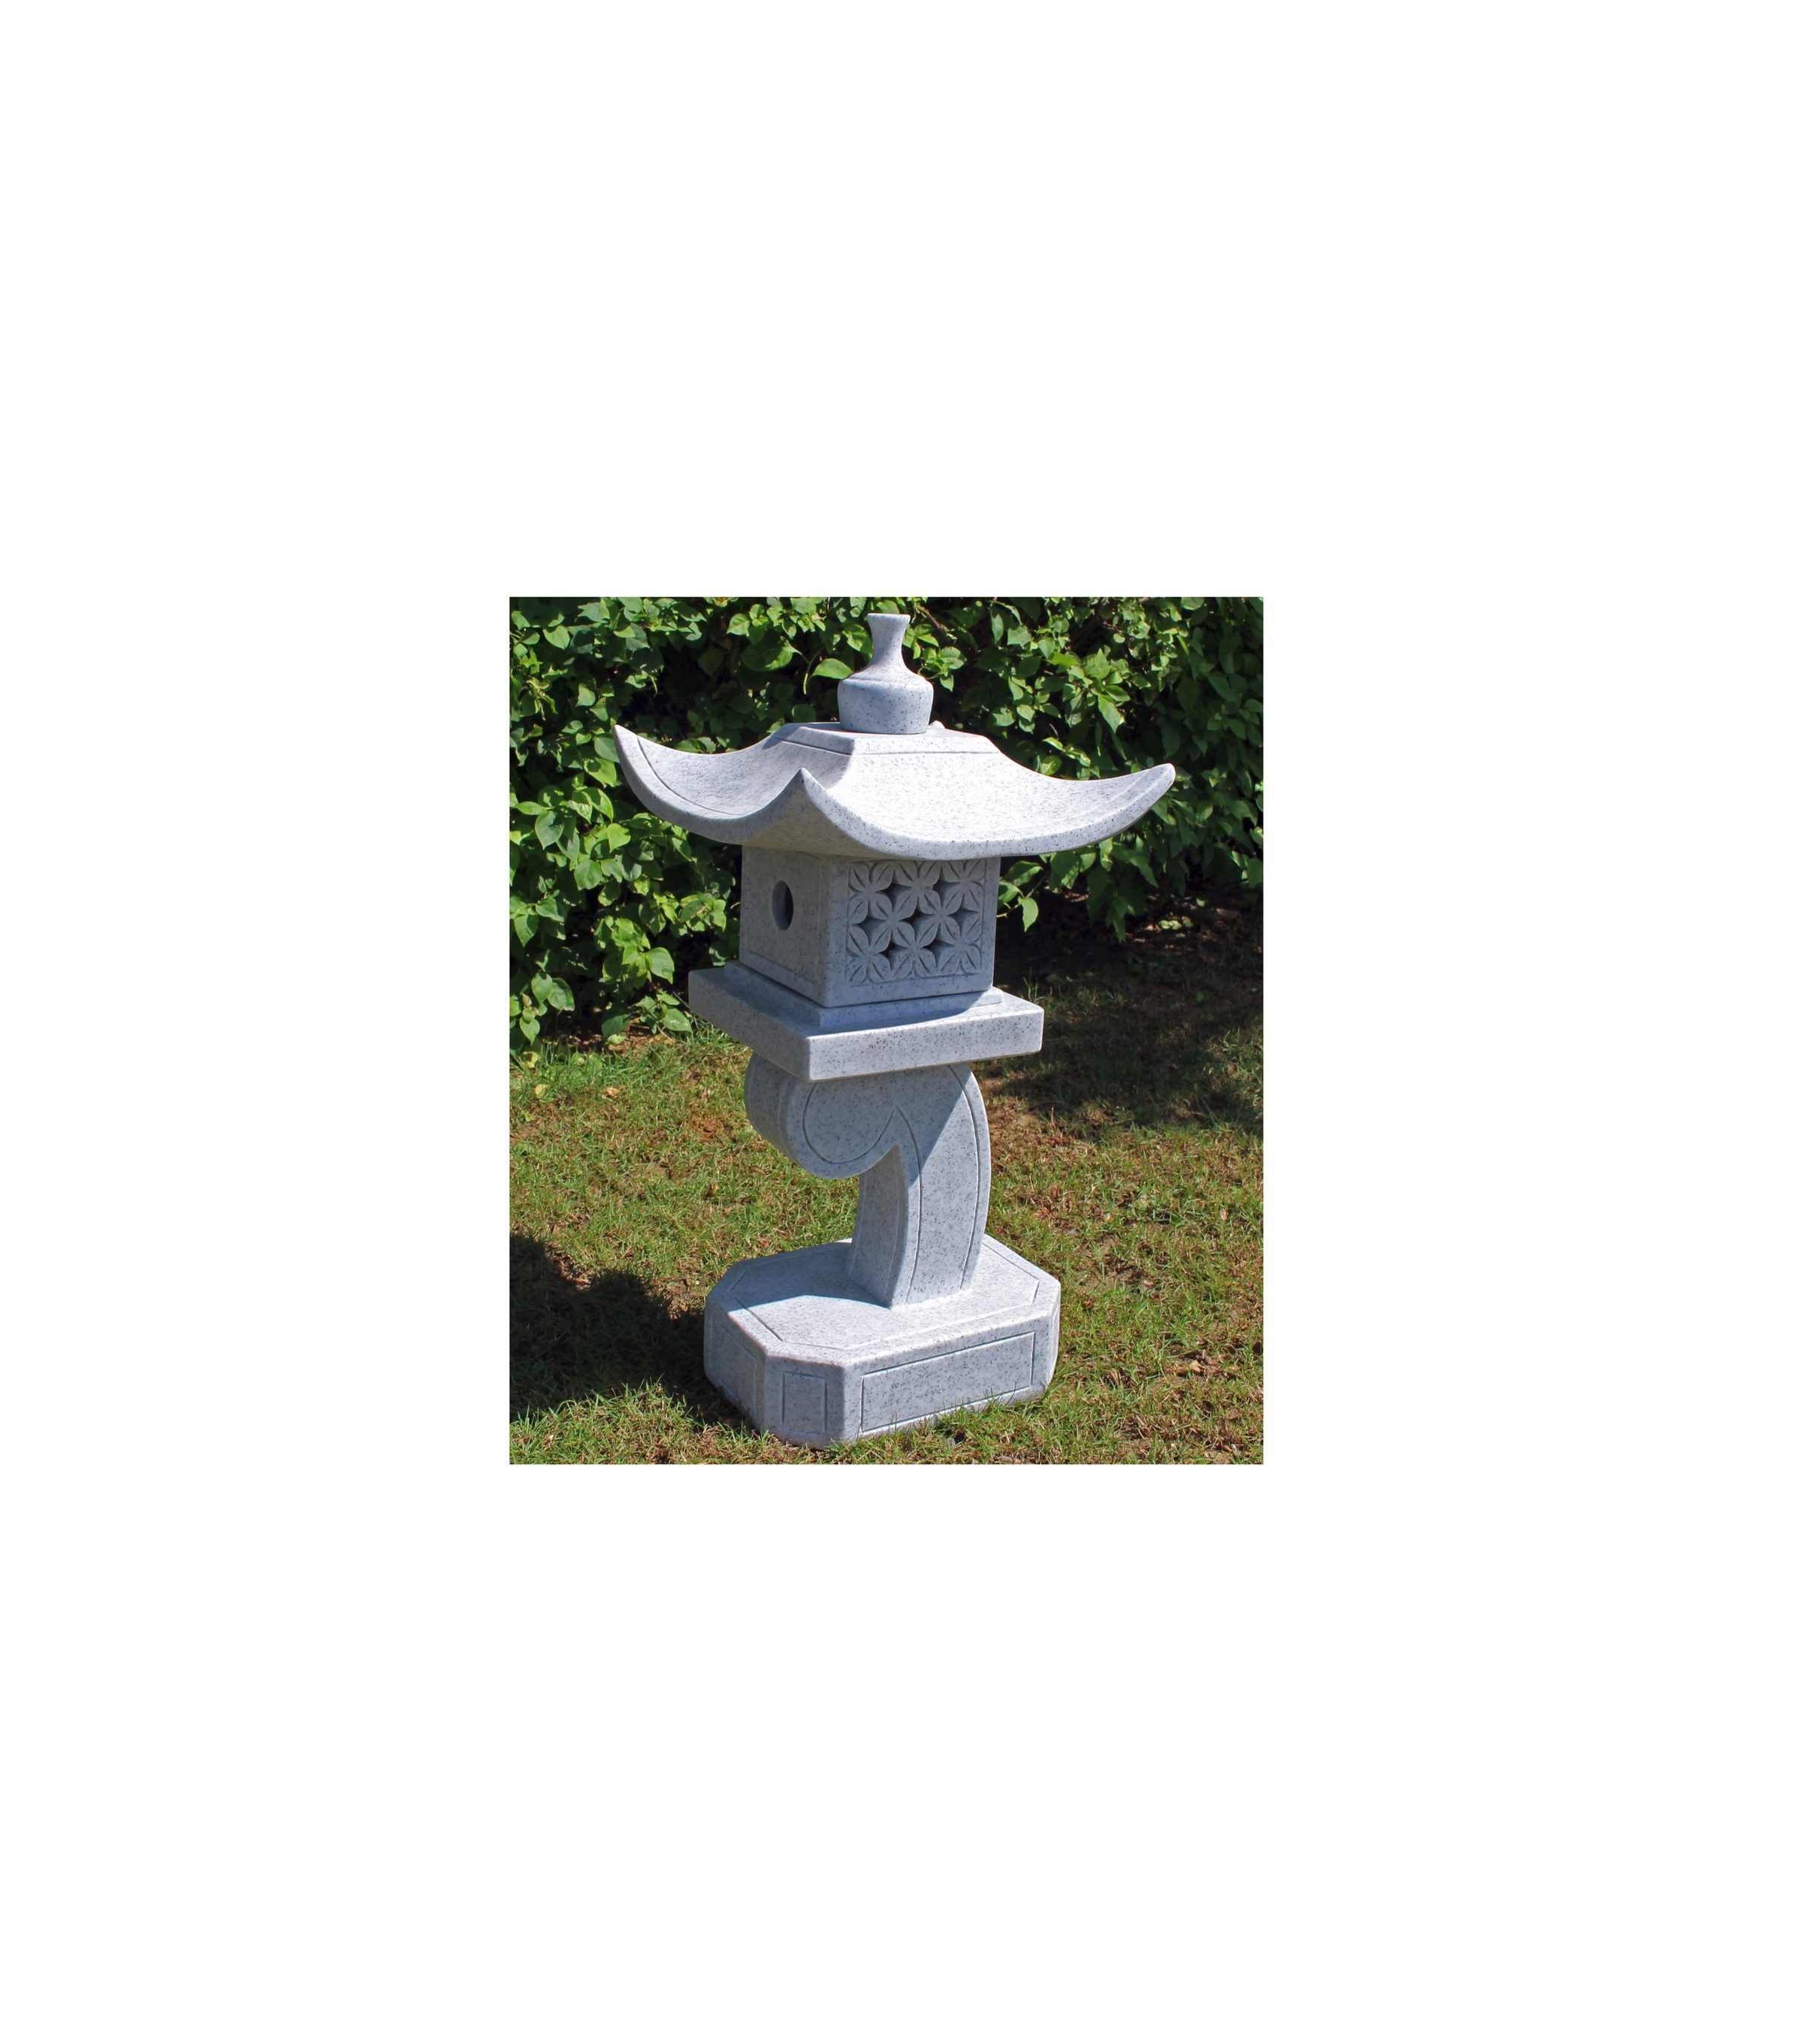 Pagoda Marble Granite Lantern 605928B5685Dcf53468Daed1Da35Cf00 Original